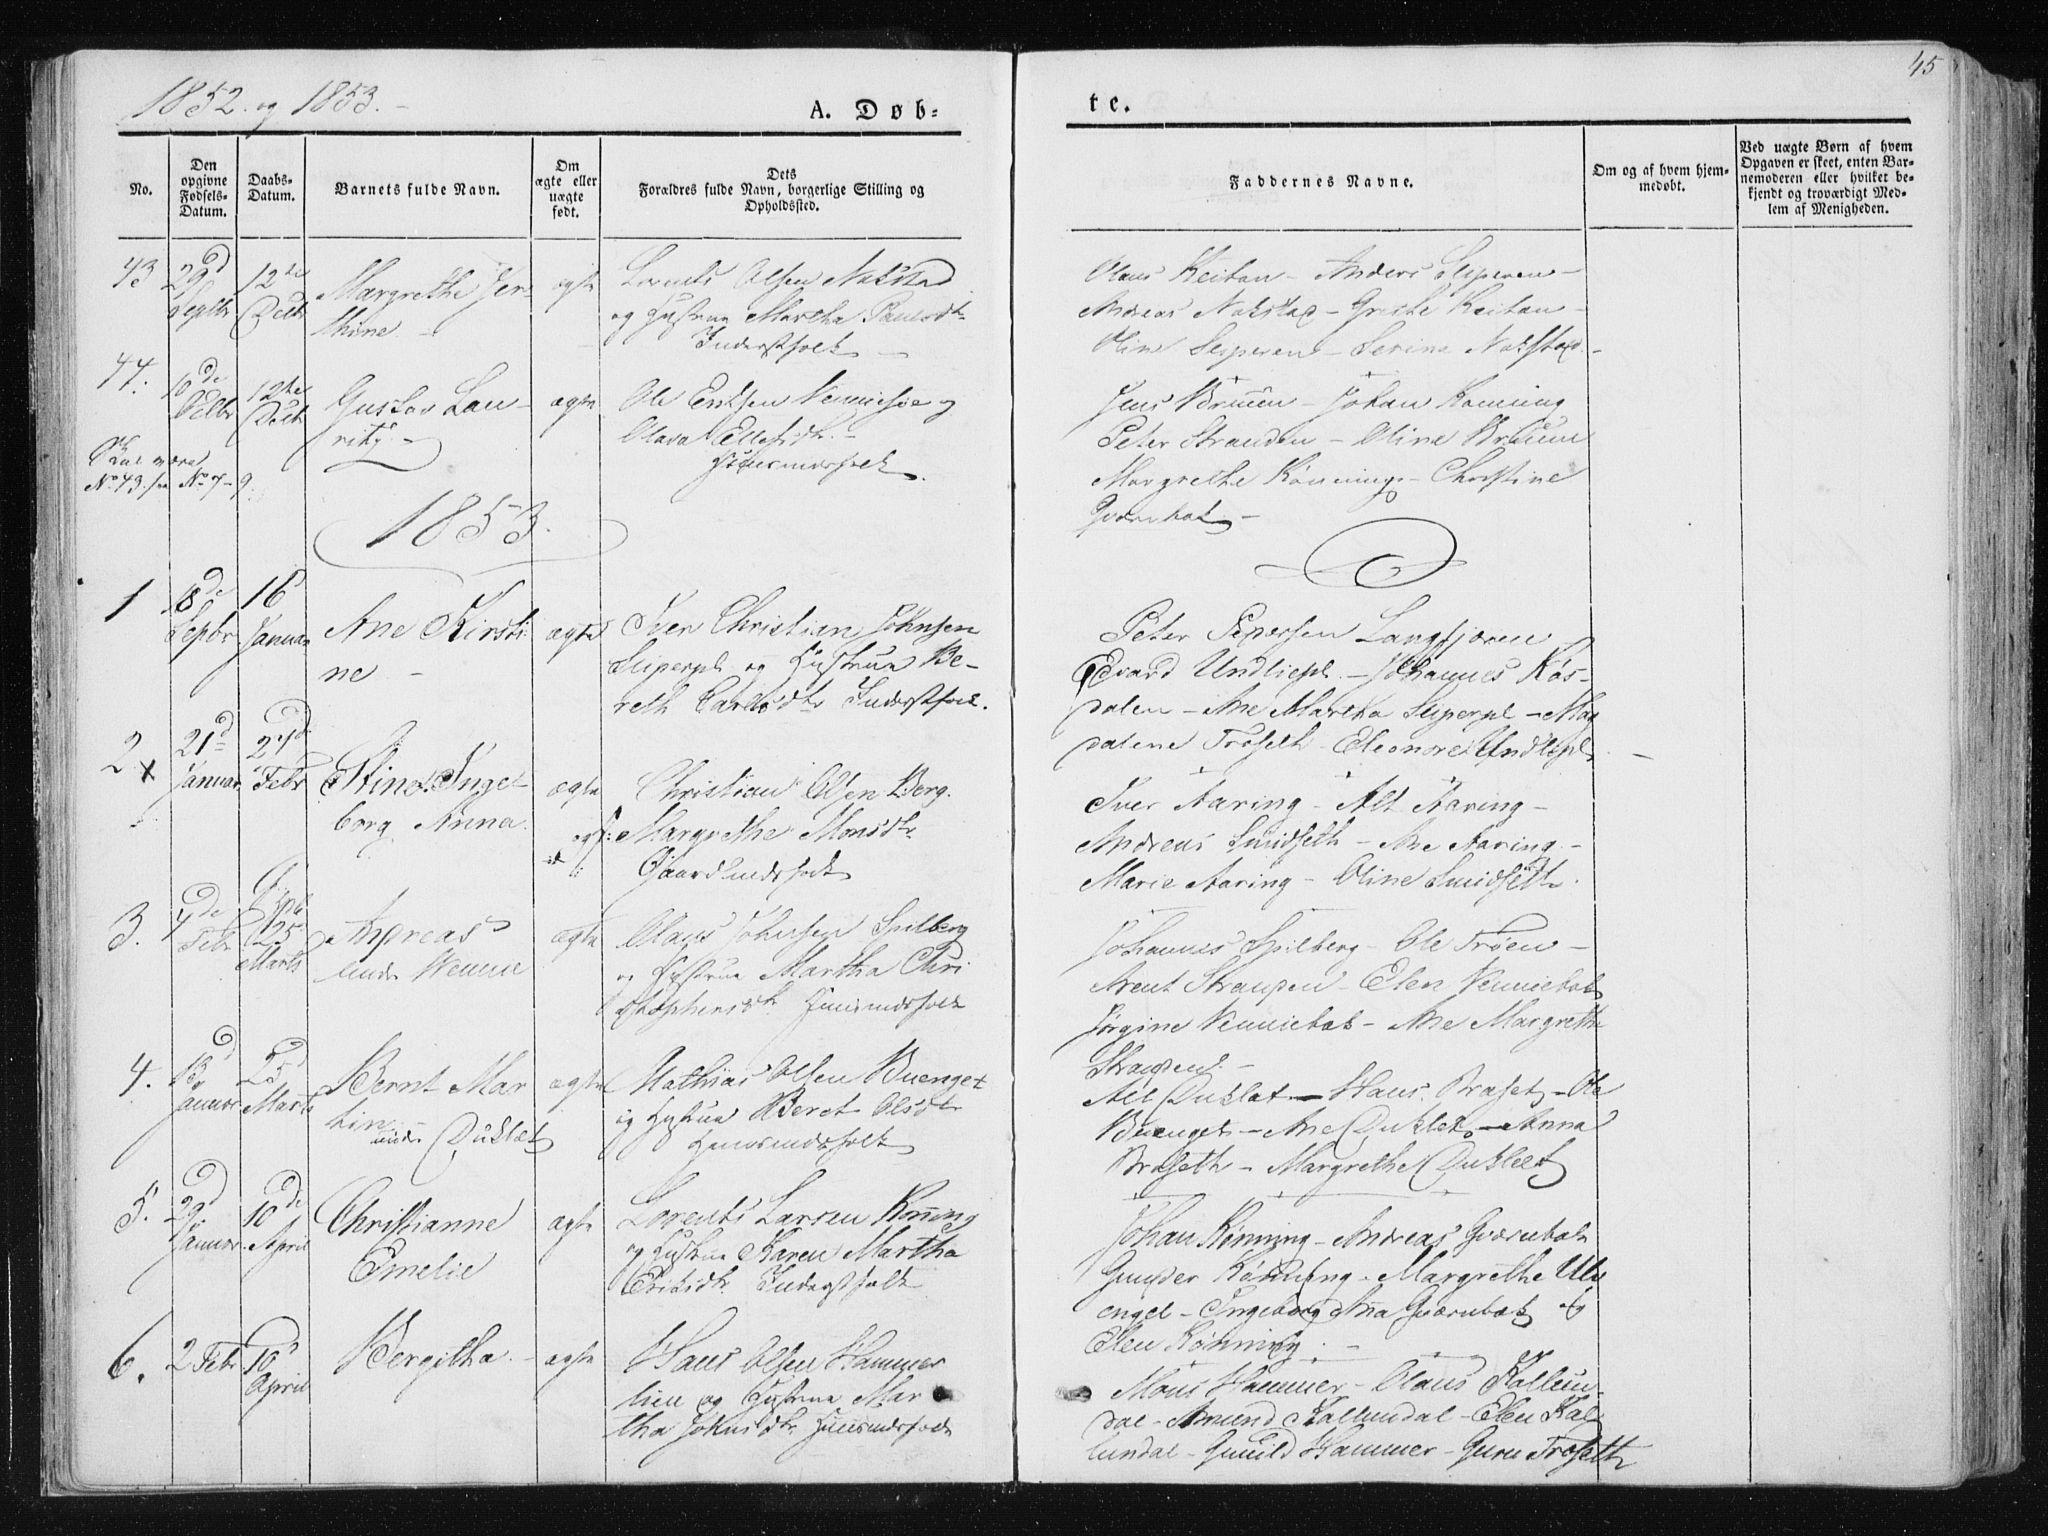 SAT, Ministerialprotokoller, klokkerbøker og fødselsregistre - Nord-Trøndelag, 733/L0323: Ministerialbok nr. 733A02, 1843-1870, s. 45